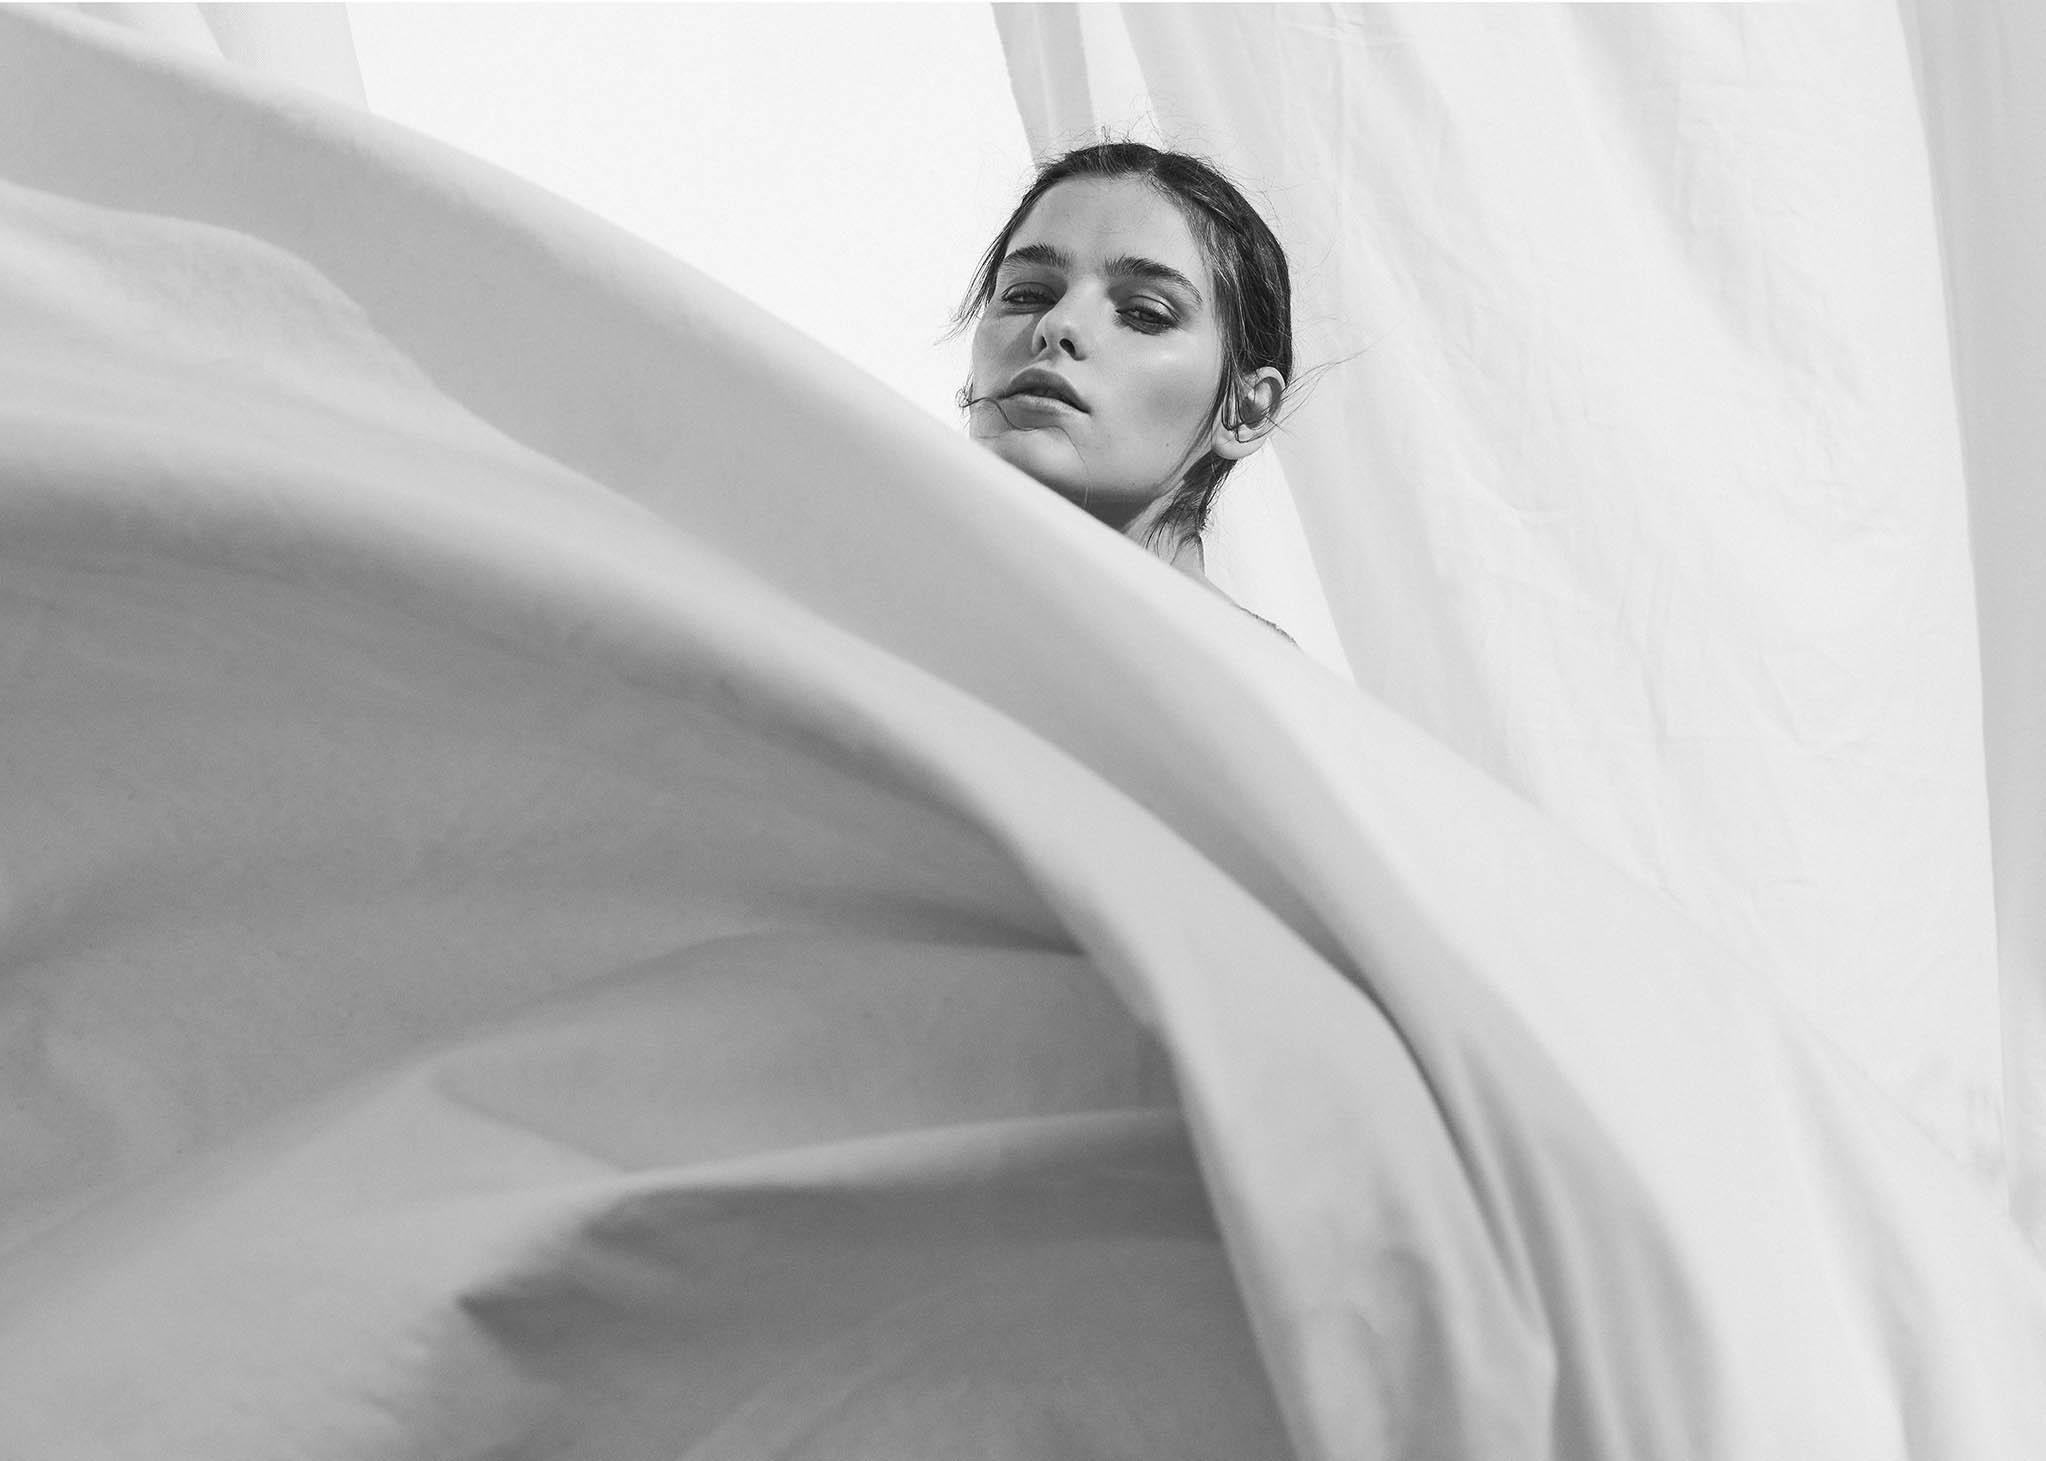 Stradivarius fotografía comercial chica entre telas blancas